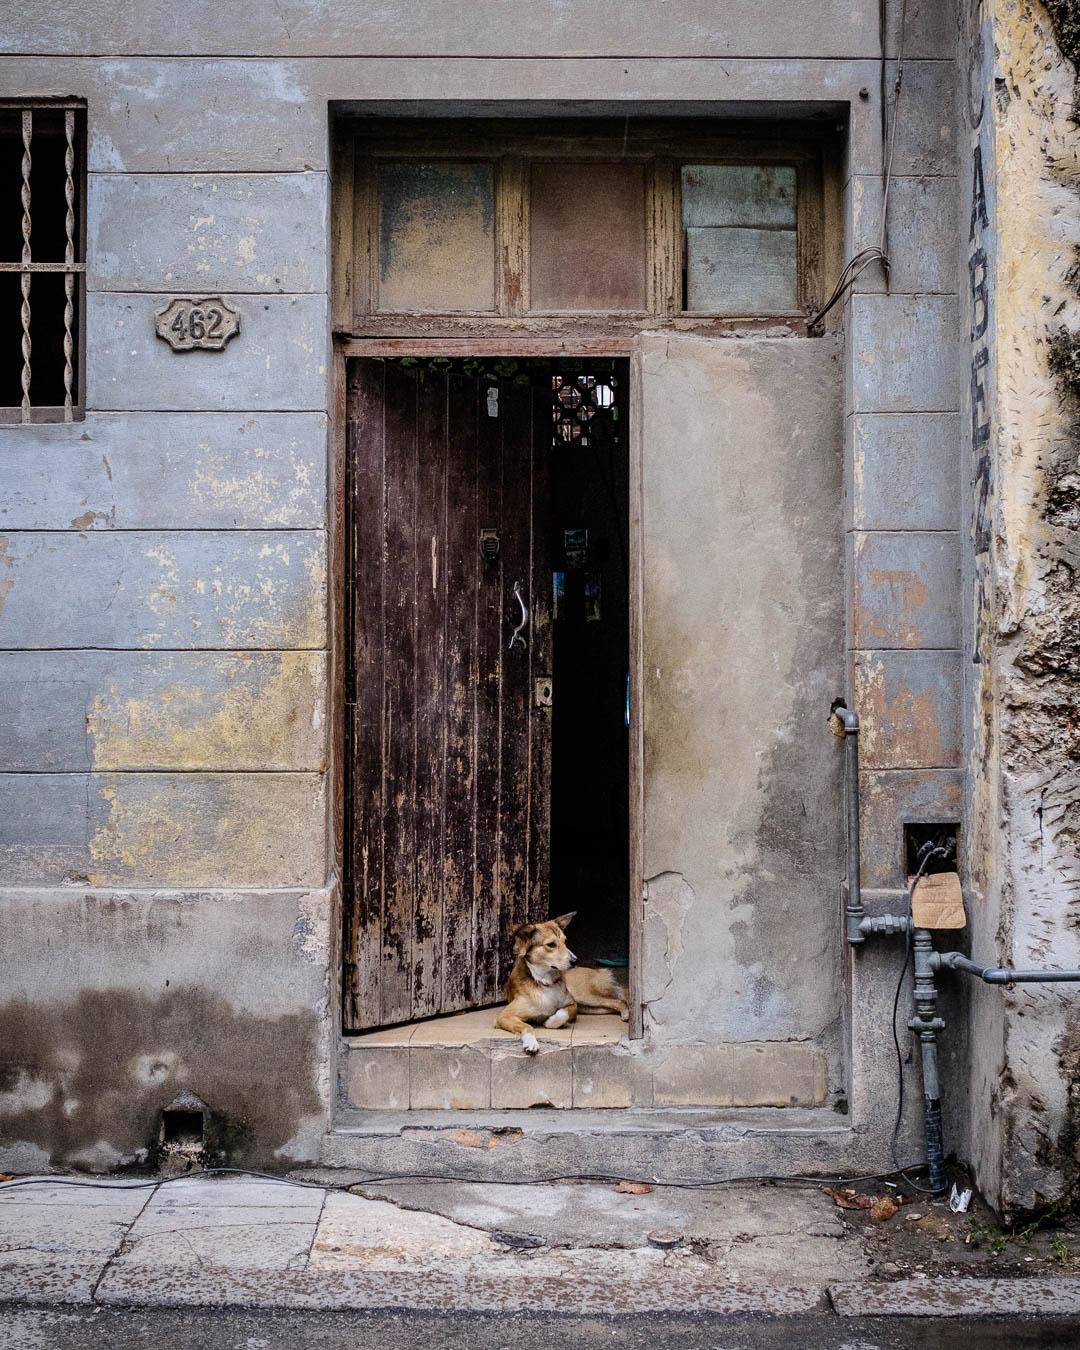 180426-Havana-245-1080.jpg